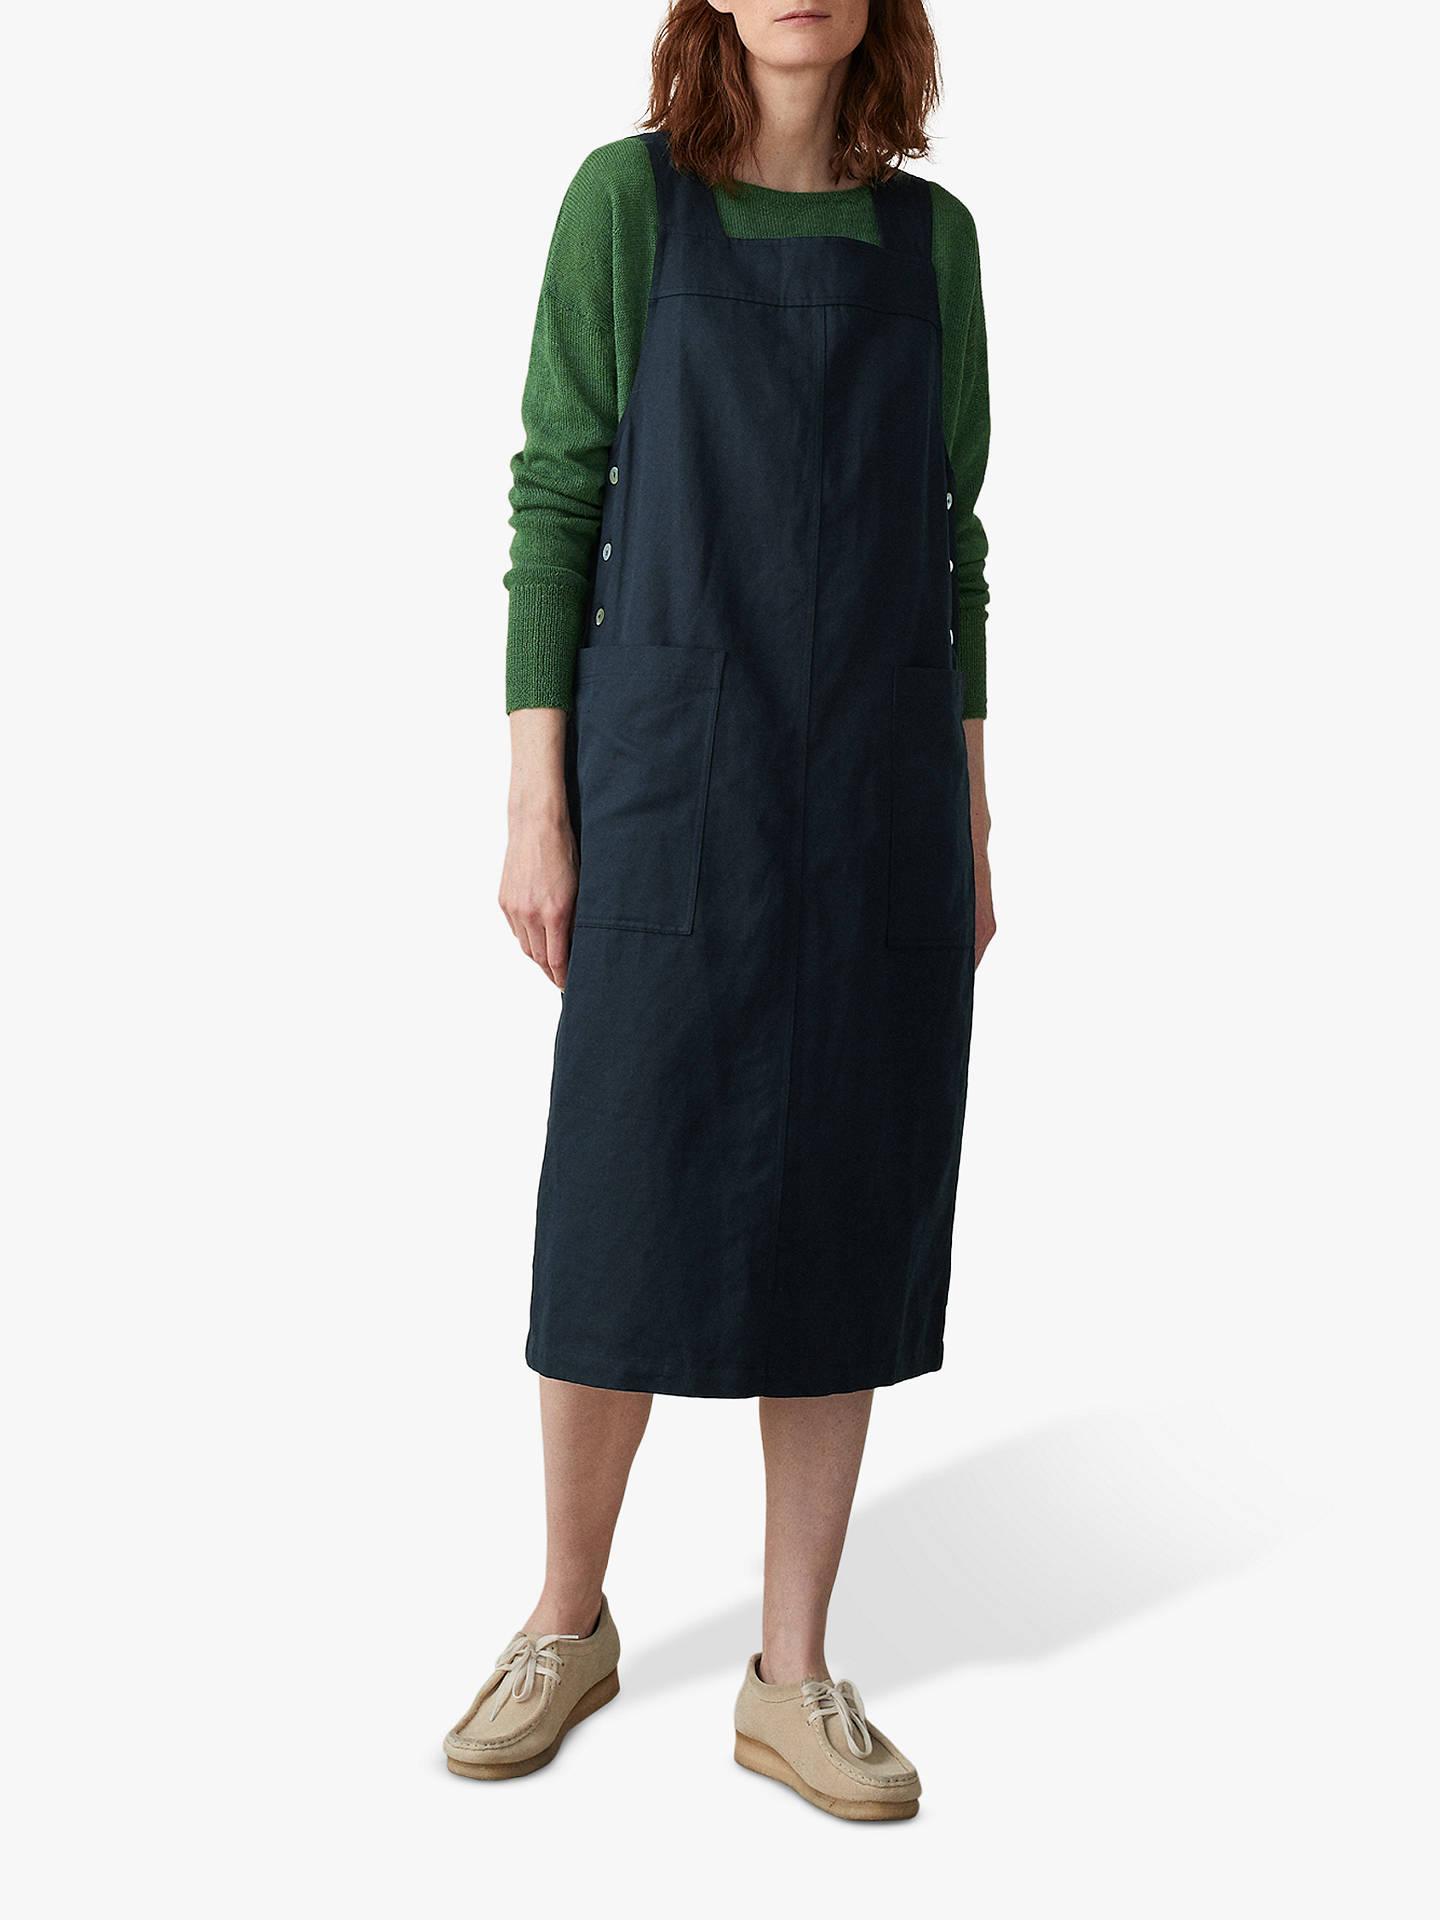 971e403d7904d Buy Toast Mara Cotton-Linen Dress, Slate, 8 Online at johnlewis.com ...